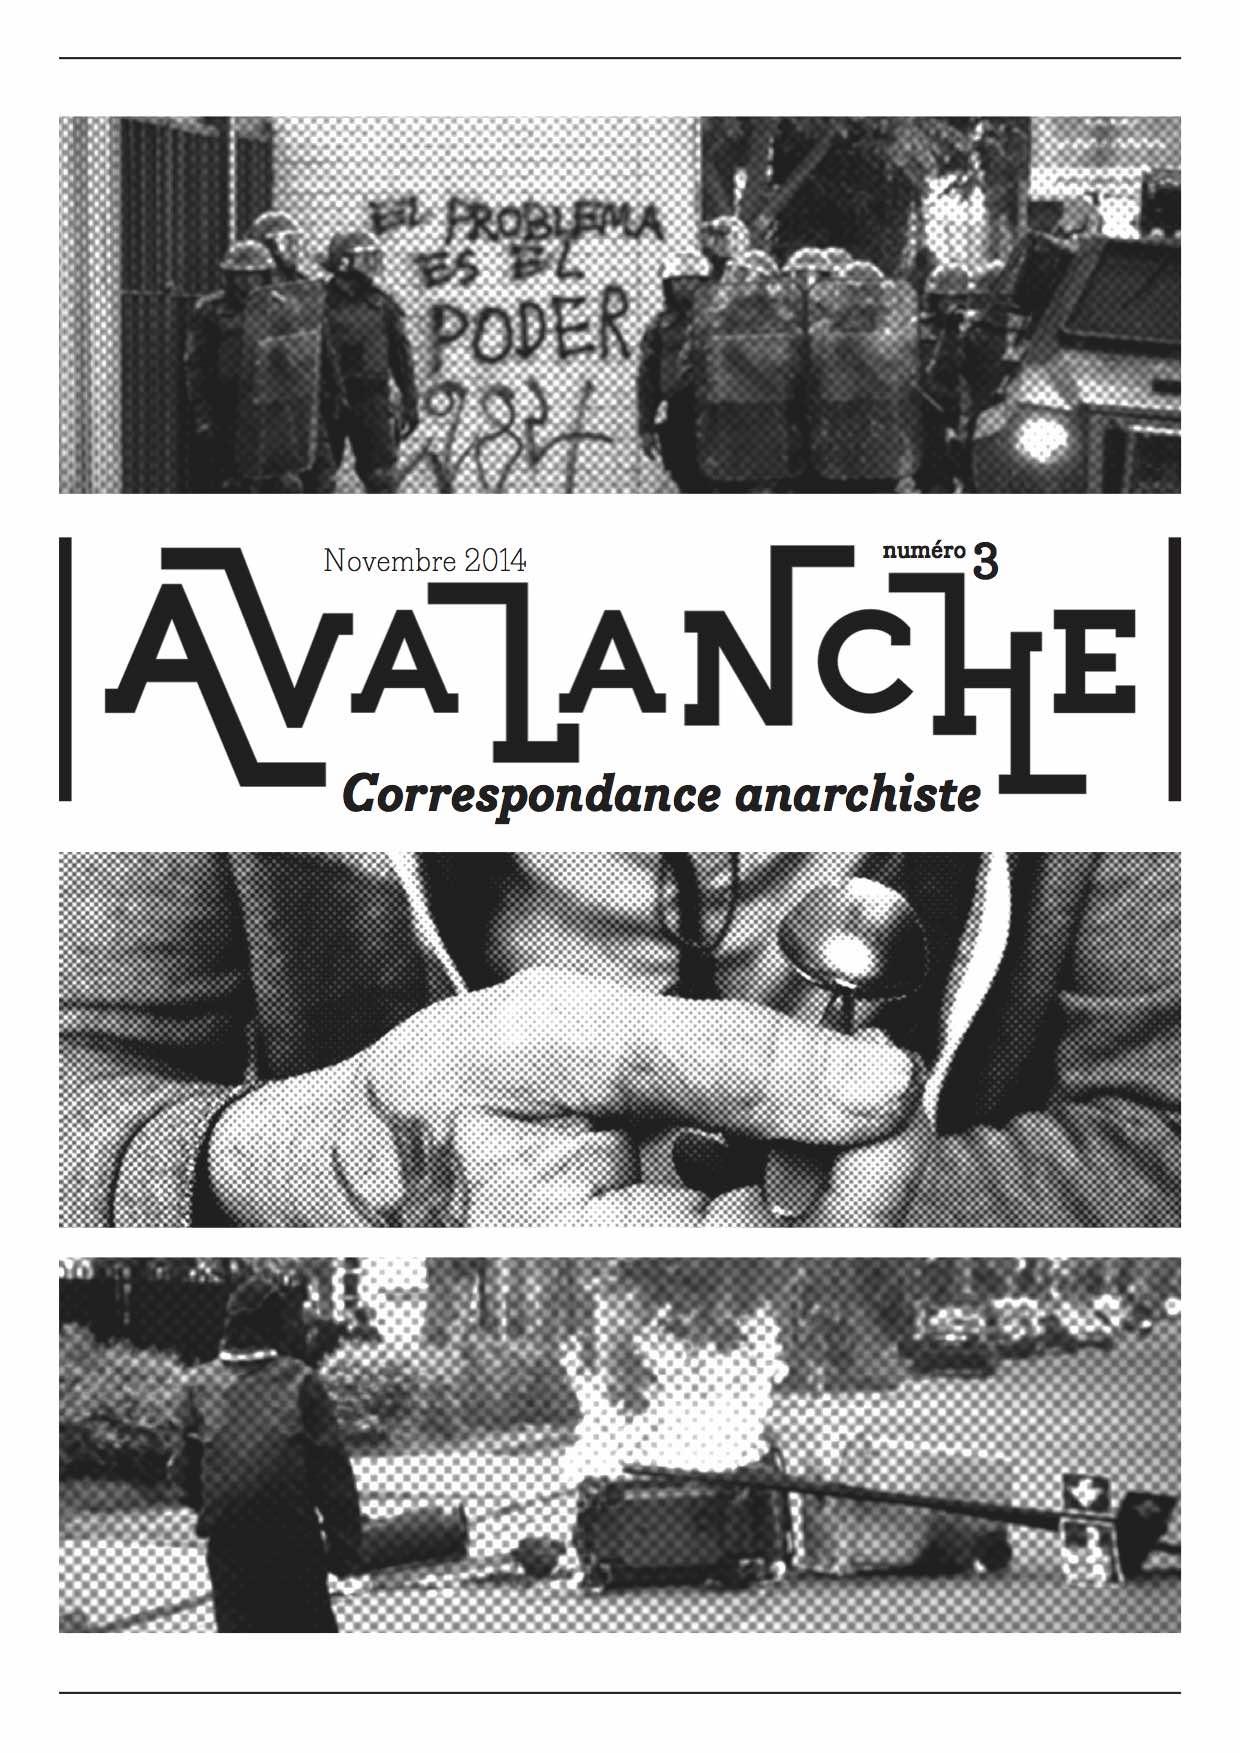 Cliquer sur la couverture pour télécharger Avalanche n°3